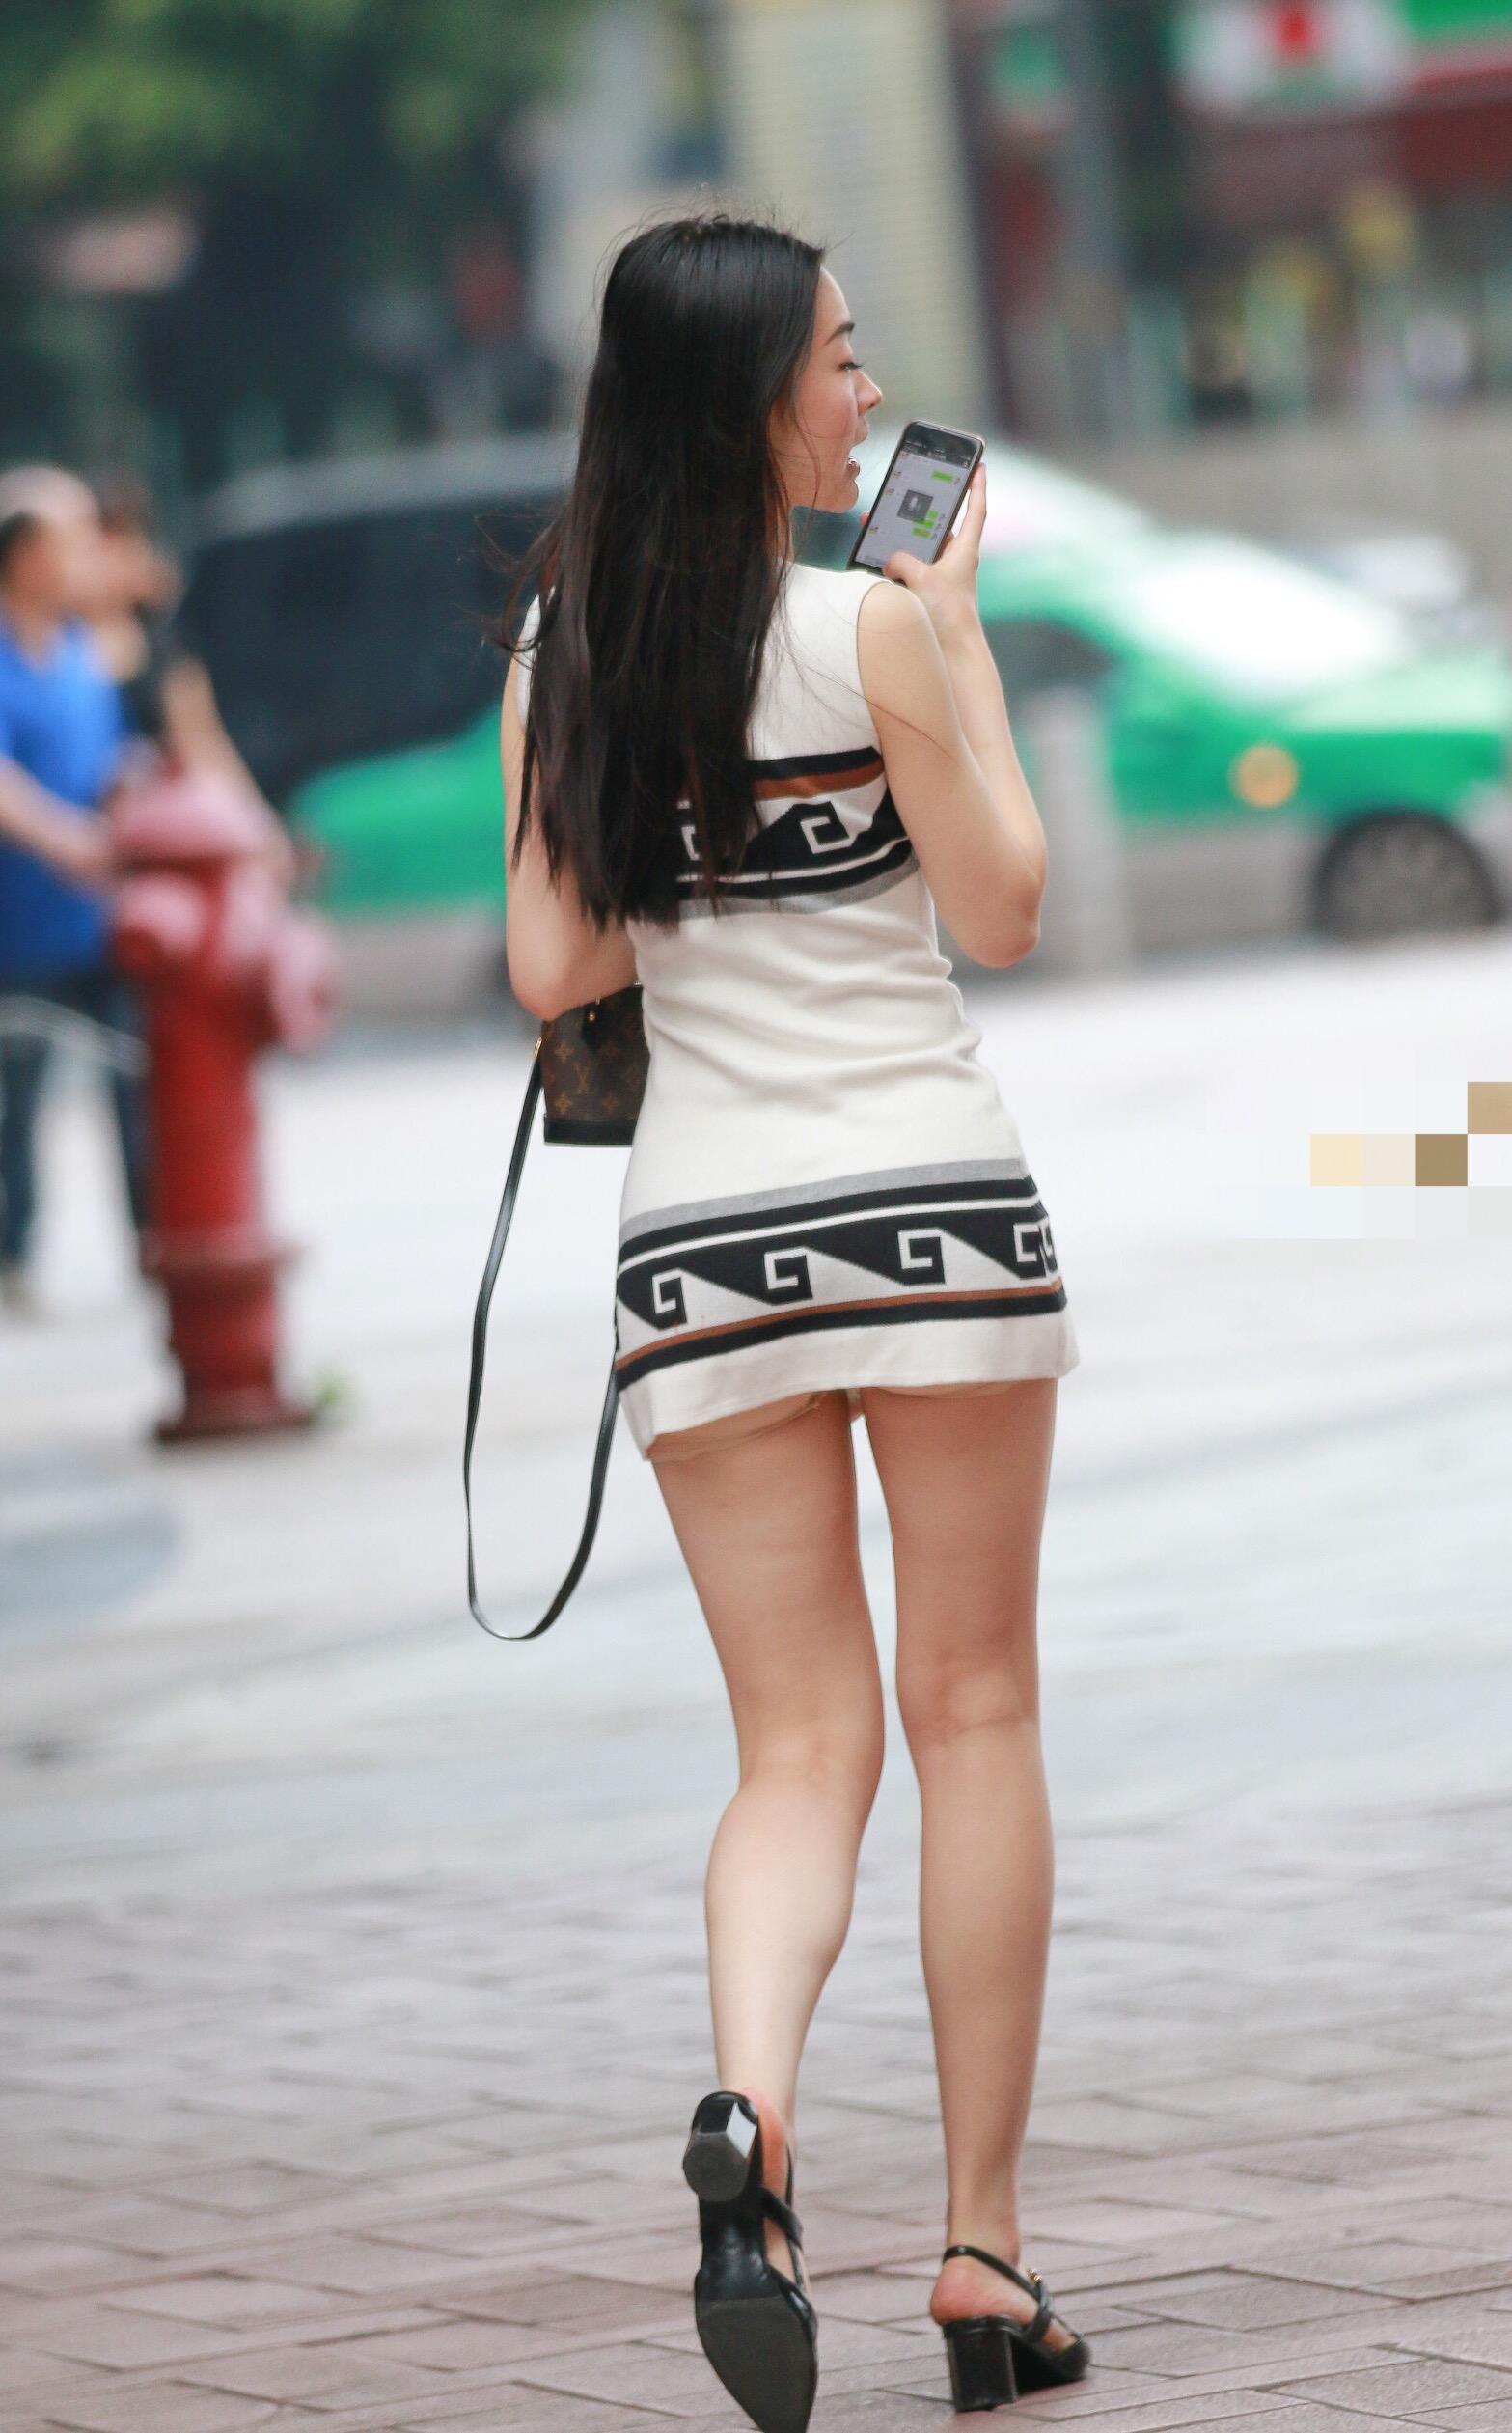 【美脚エロ画像】心に癒しを与えてくれる街角のミニスカ太もも!(;´∀`)